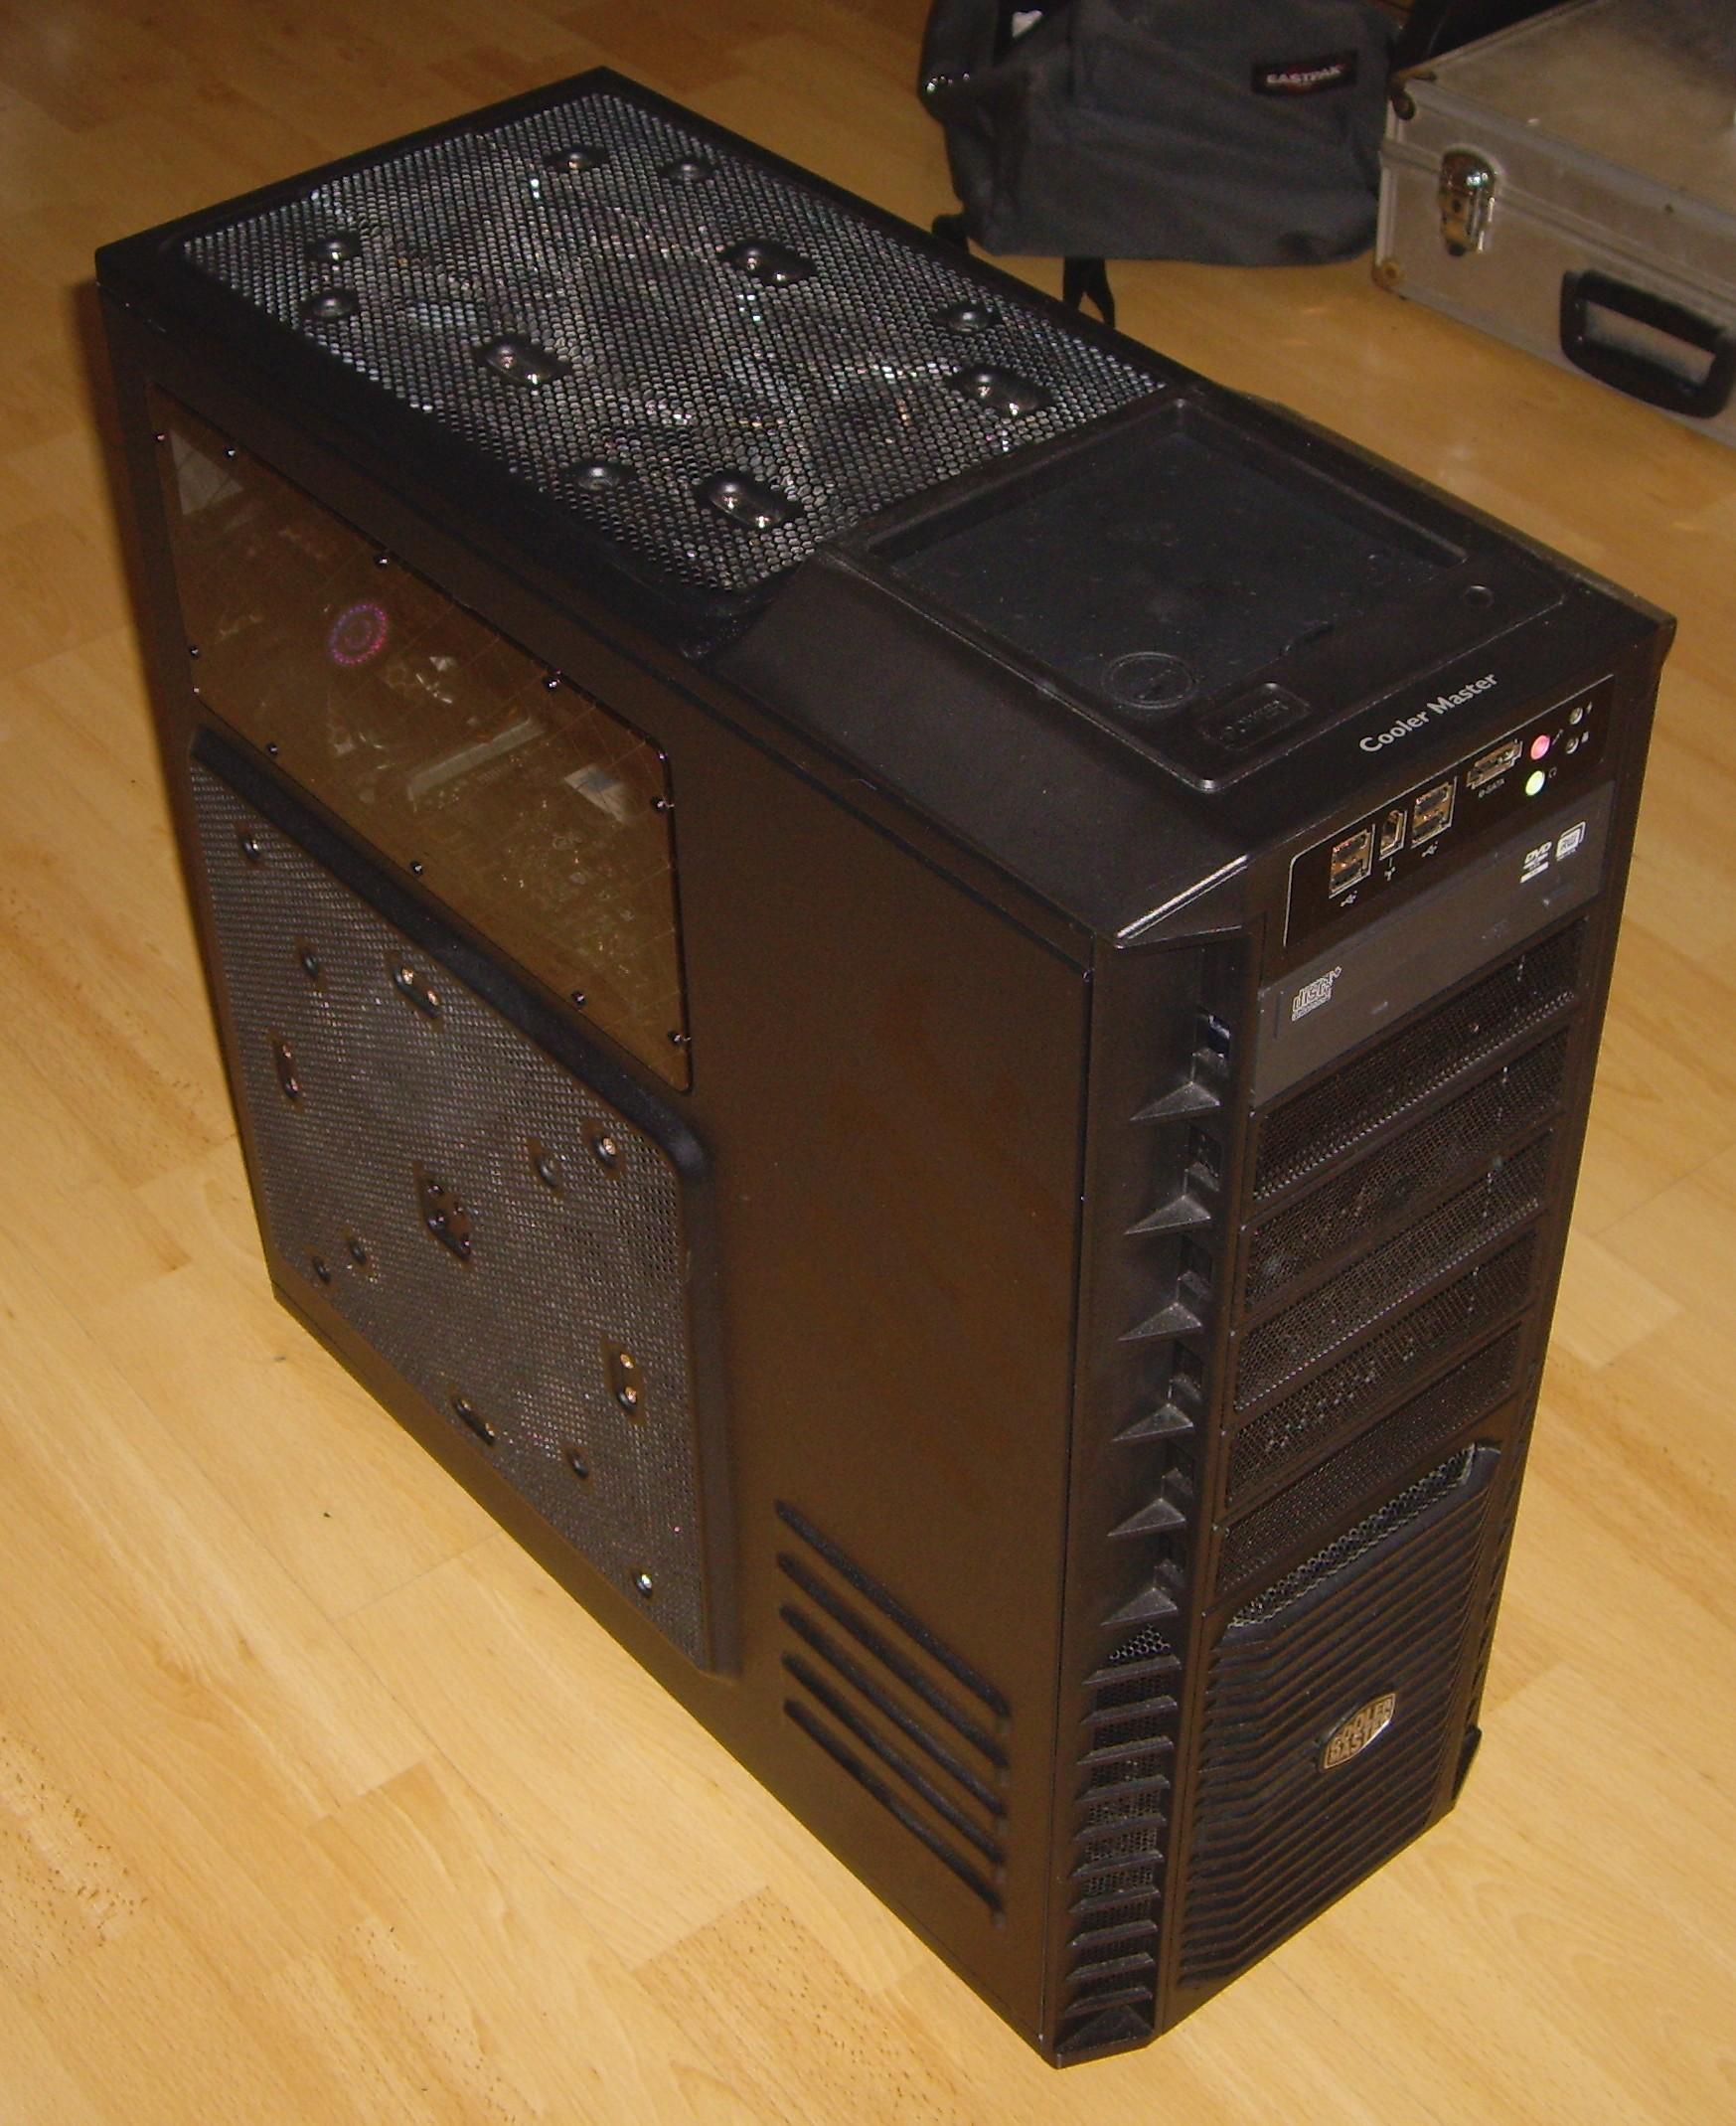 File:Cooler Master HAF 932.jpg